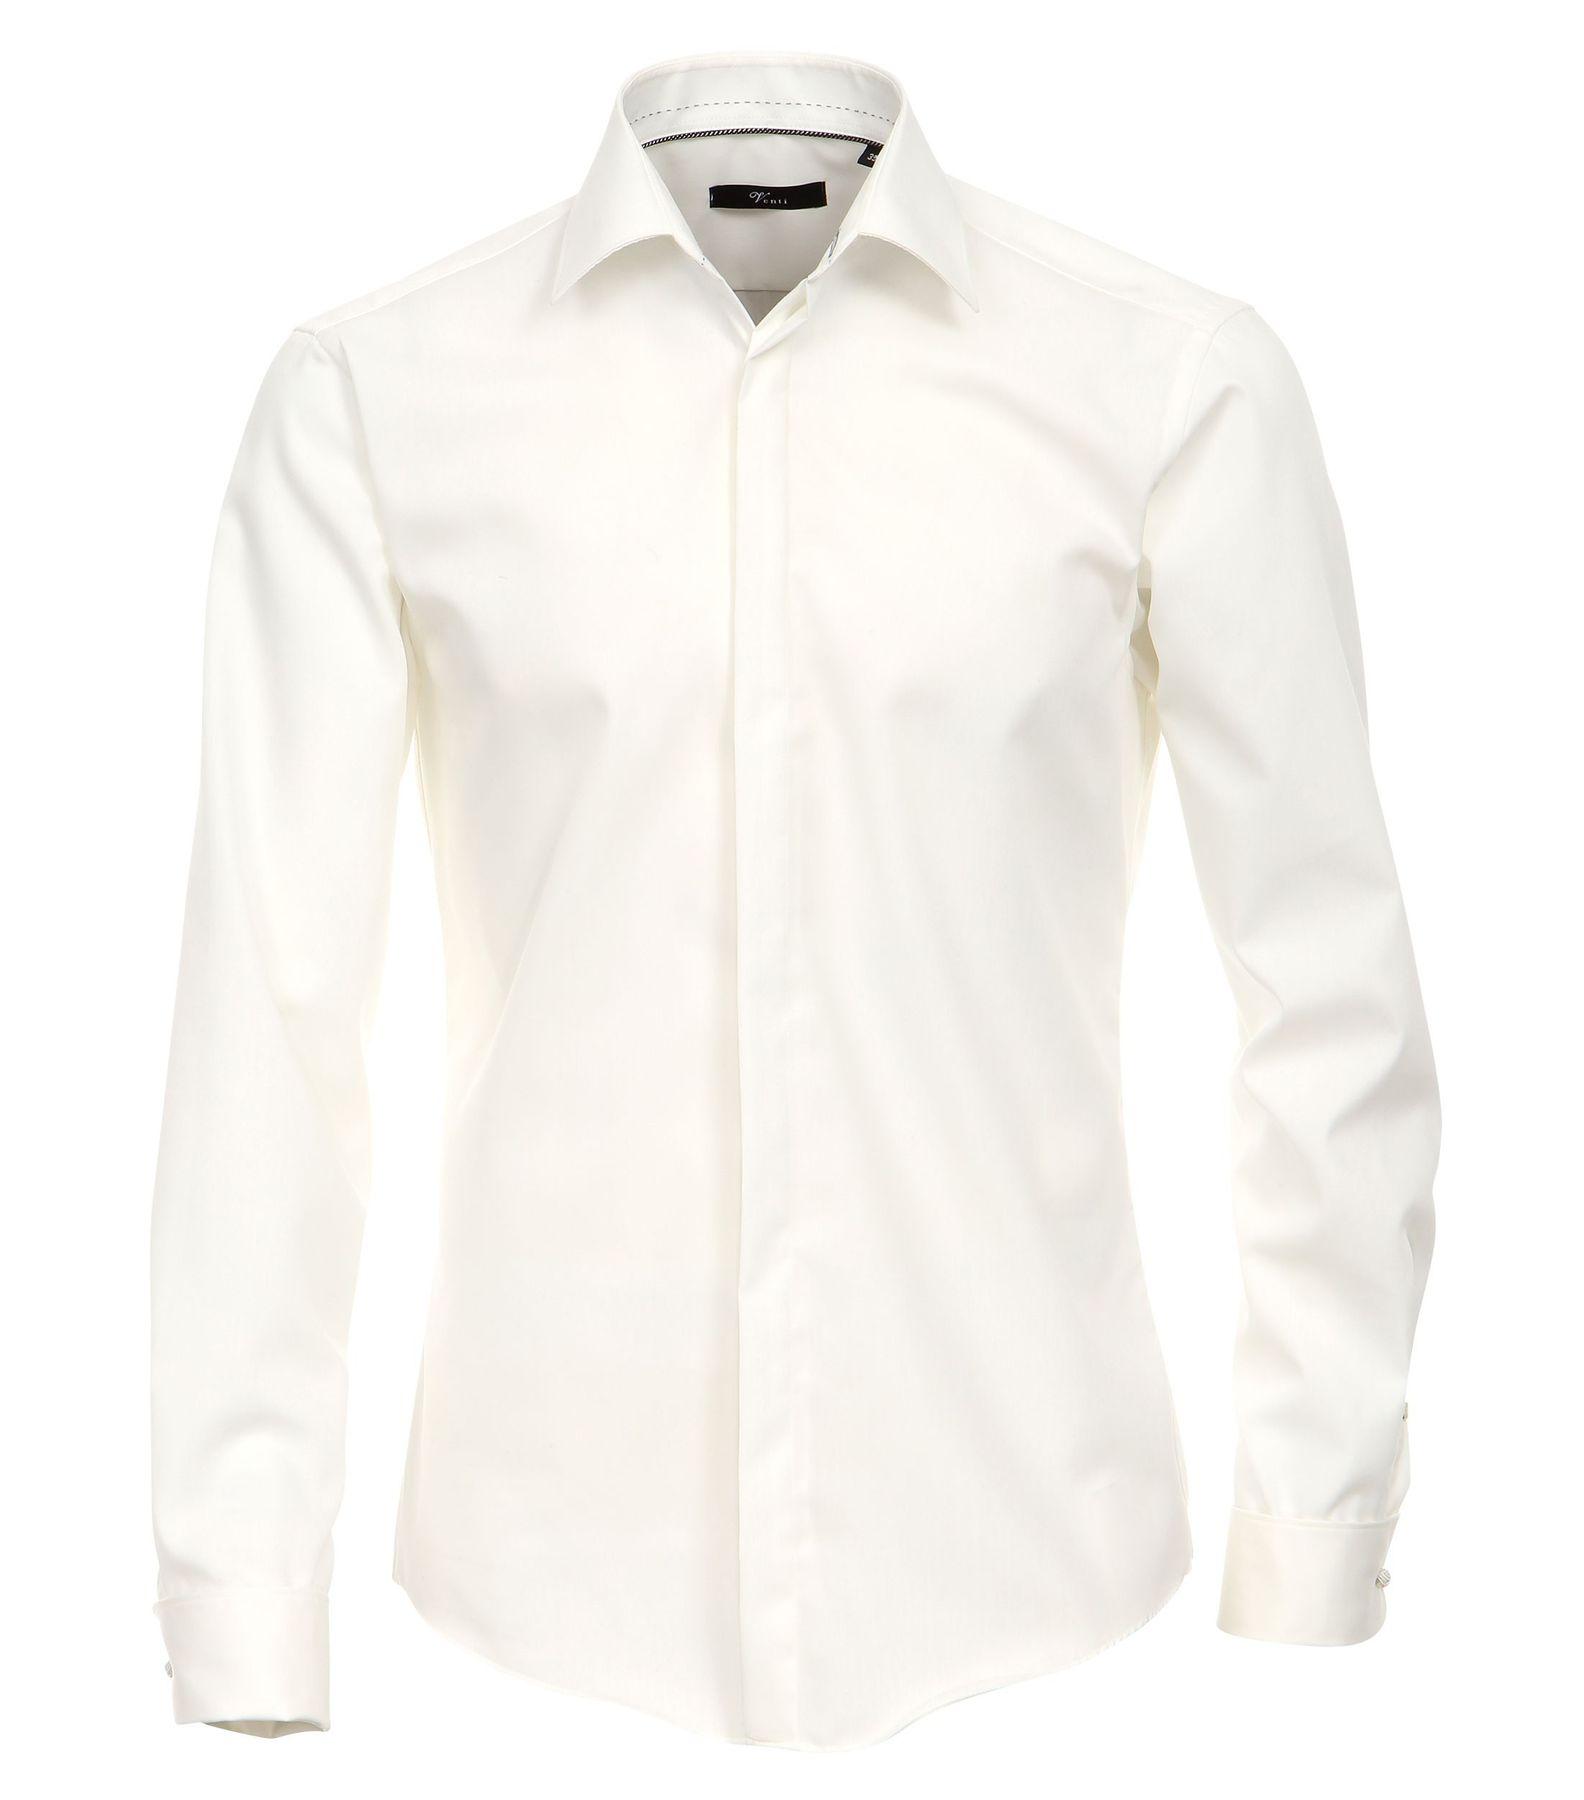 Venti - Evening - Slim Fit-  Festliches Bügelfreies Herren Hemd mit extra langem Arm (72cm) (001842)